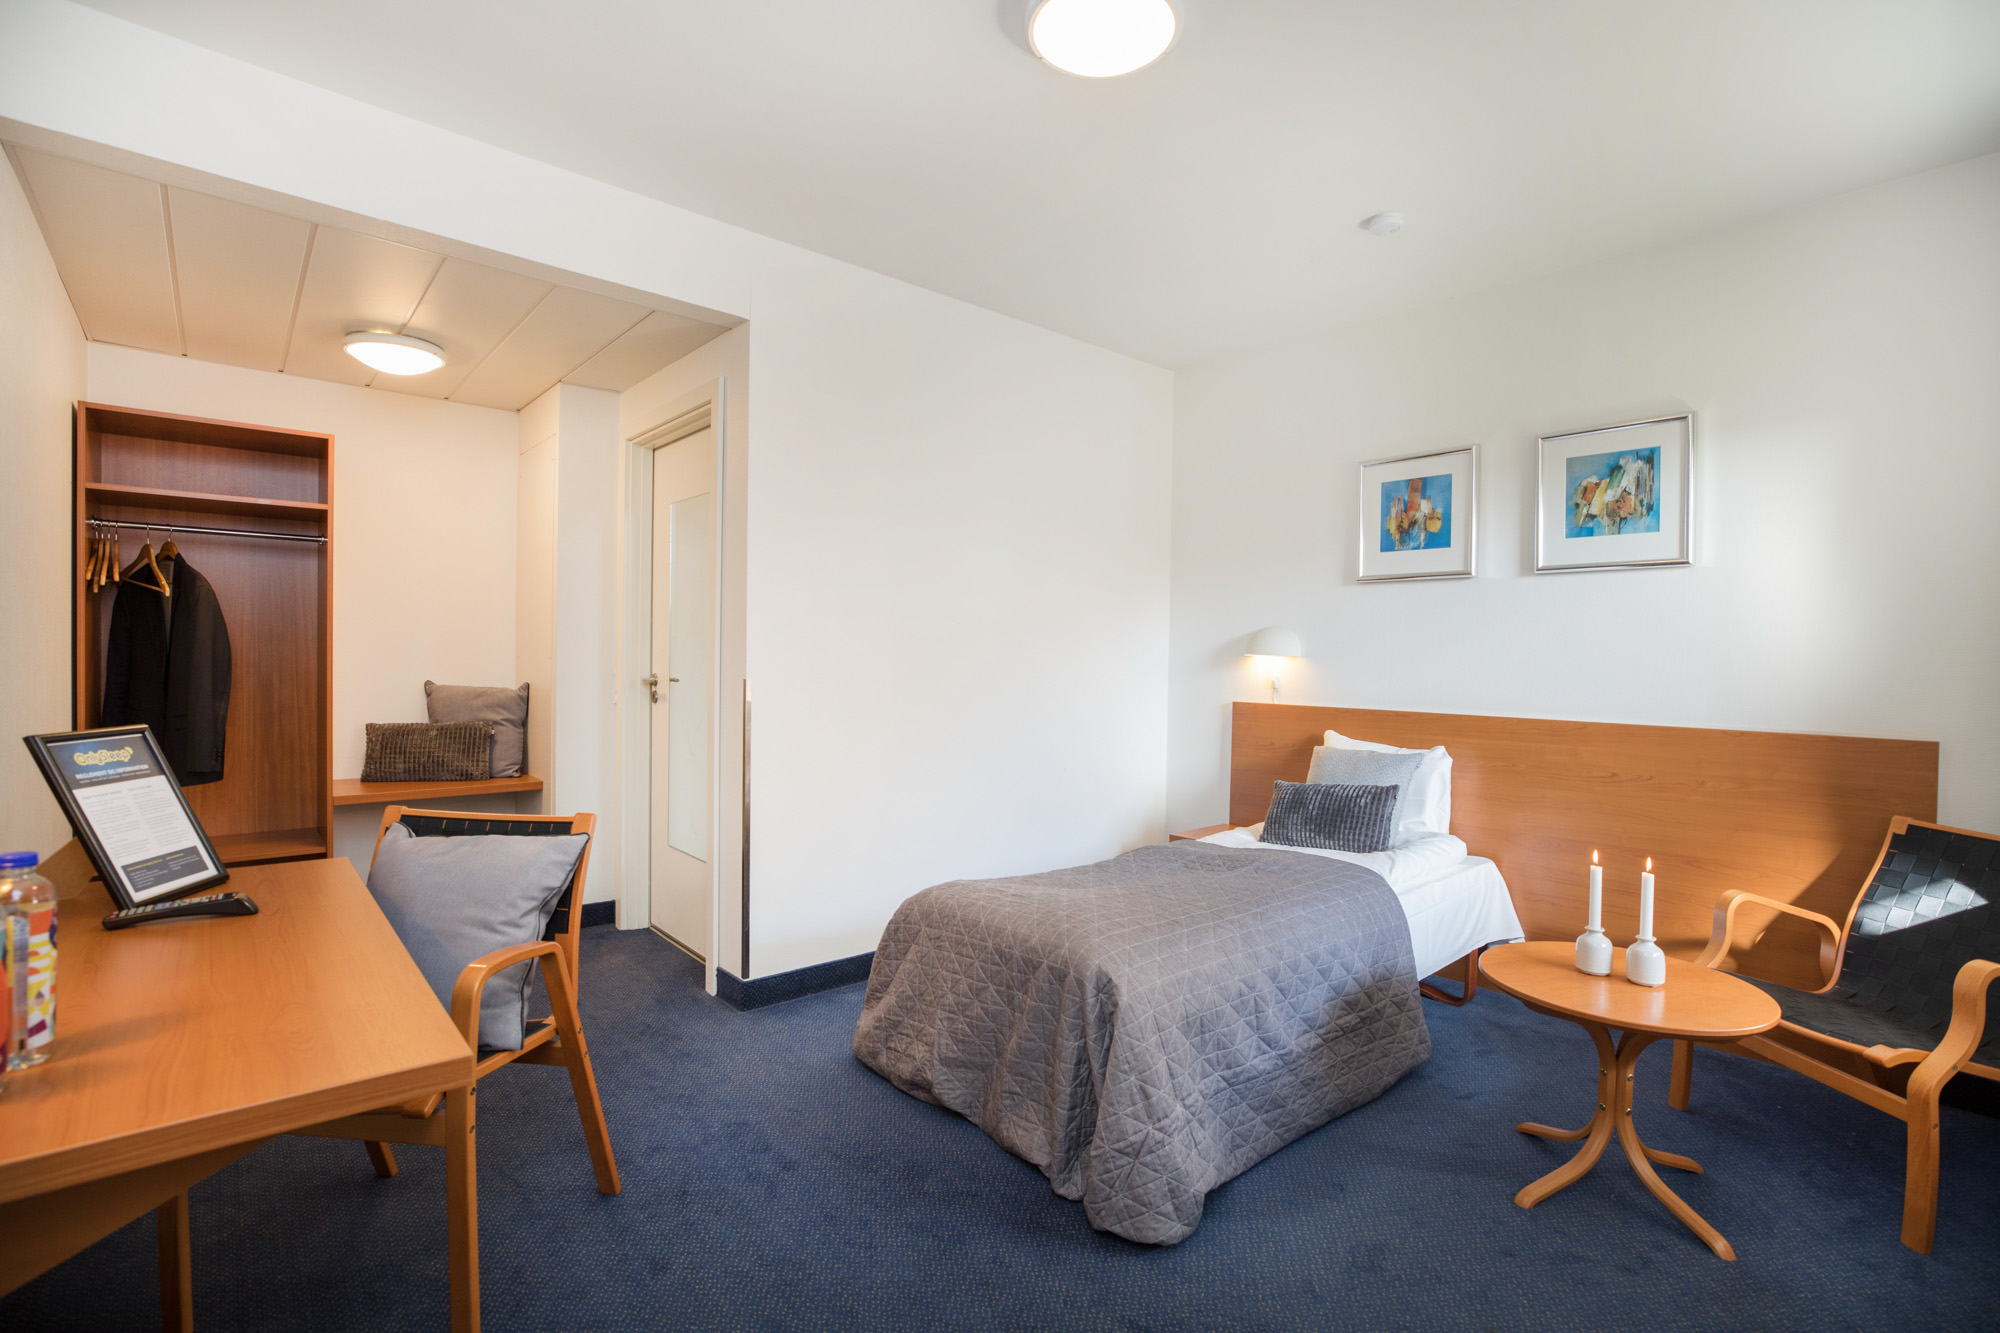 Hotel Only Sleep Slagelse, enkeltmandsværelse, seng, klædeskab, skrivebord, stol, dør, vindue, gardiner